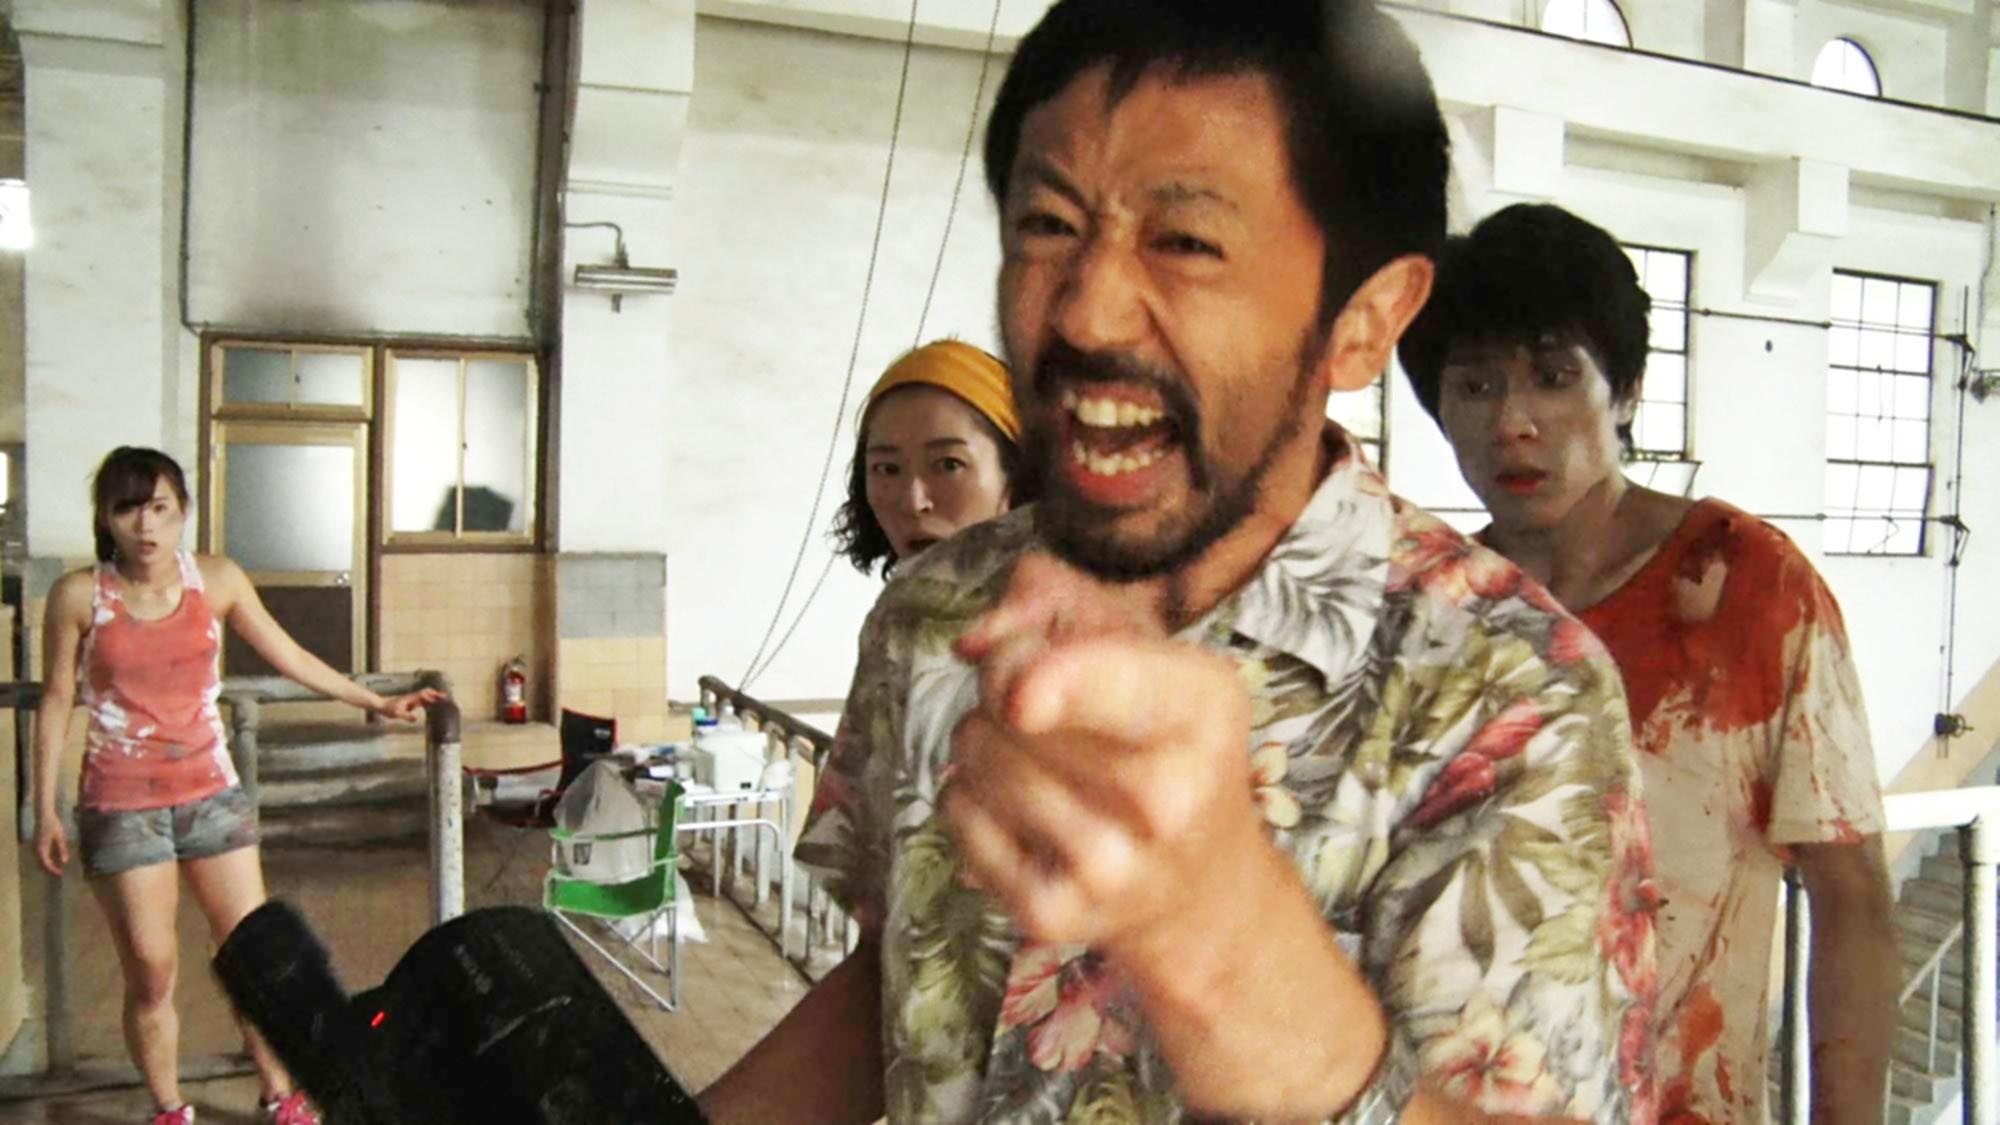 ONE CUT OF THE DEAD, (aka KAMERA O TOMERU NA), from left: Yuzuki Akiyama, Harumi Shuhama, Takayuki Hamatsu, Kazuaki Nagaya, 2017. © Shudder / courtesy Everett Collection